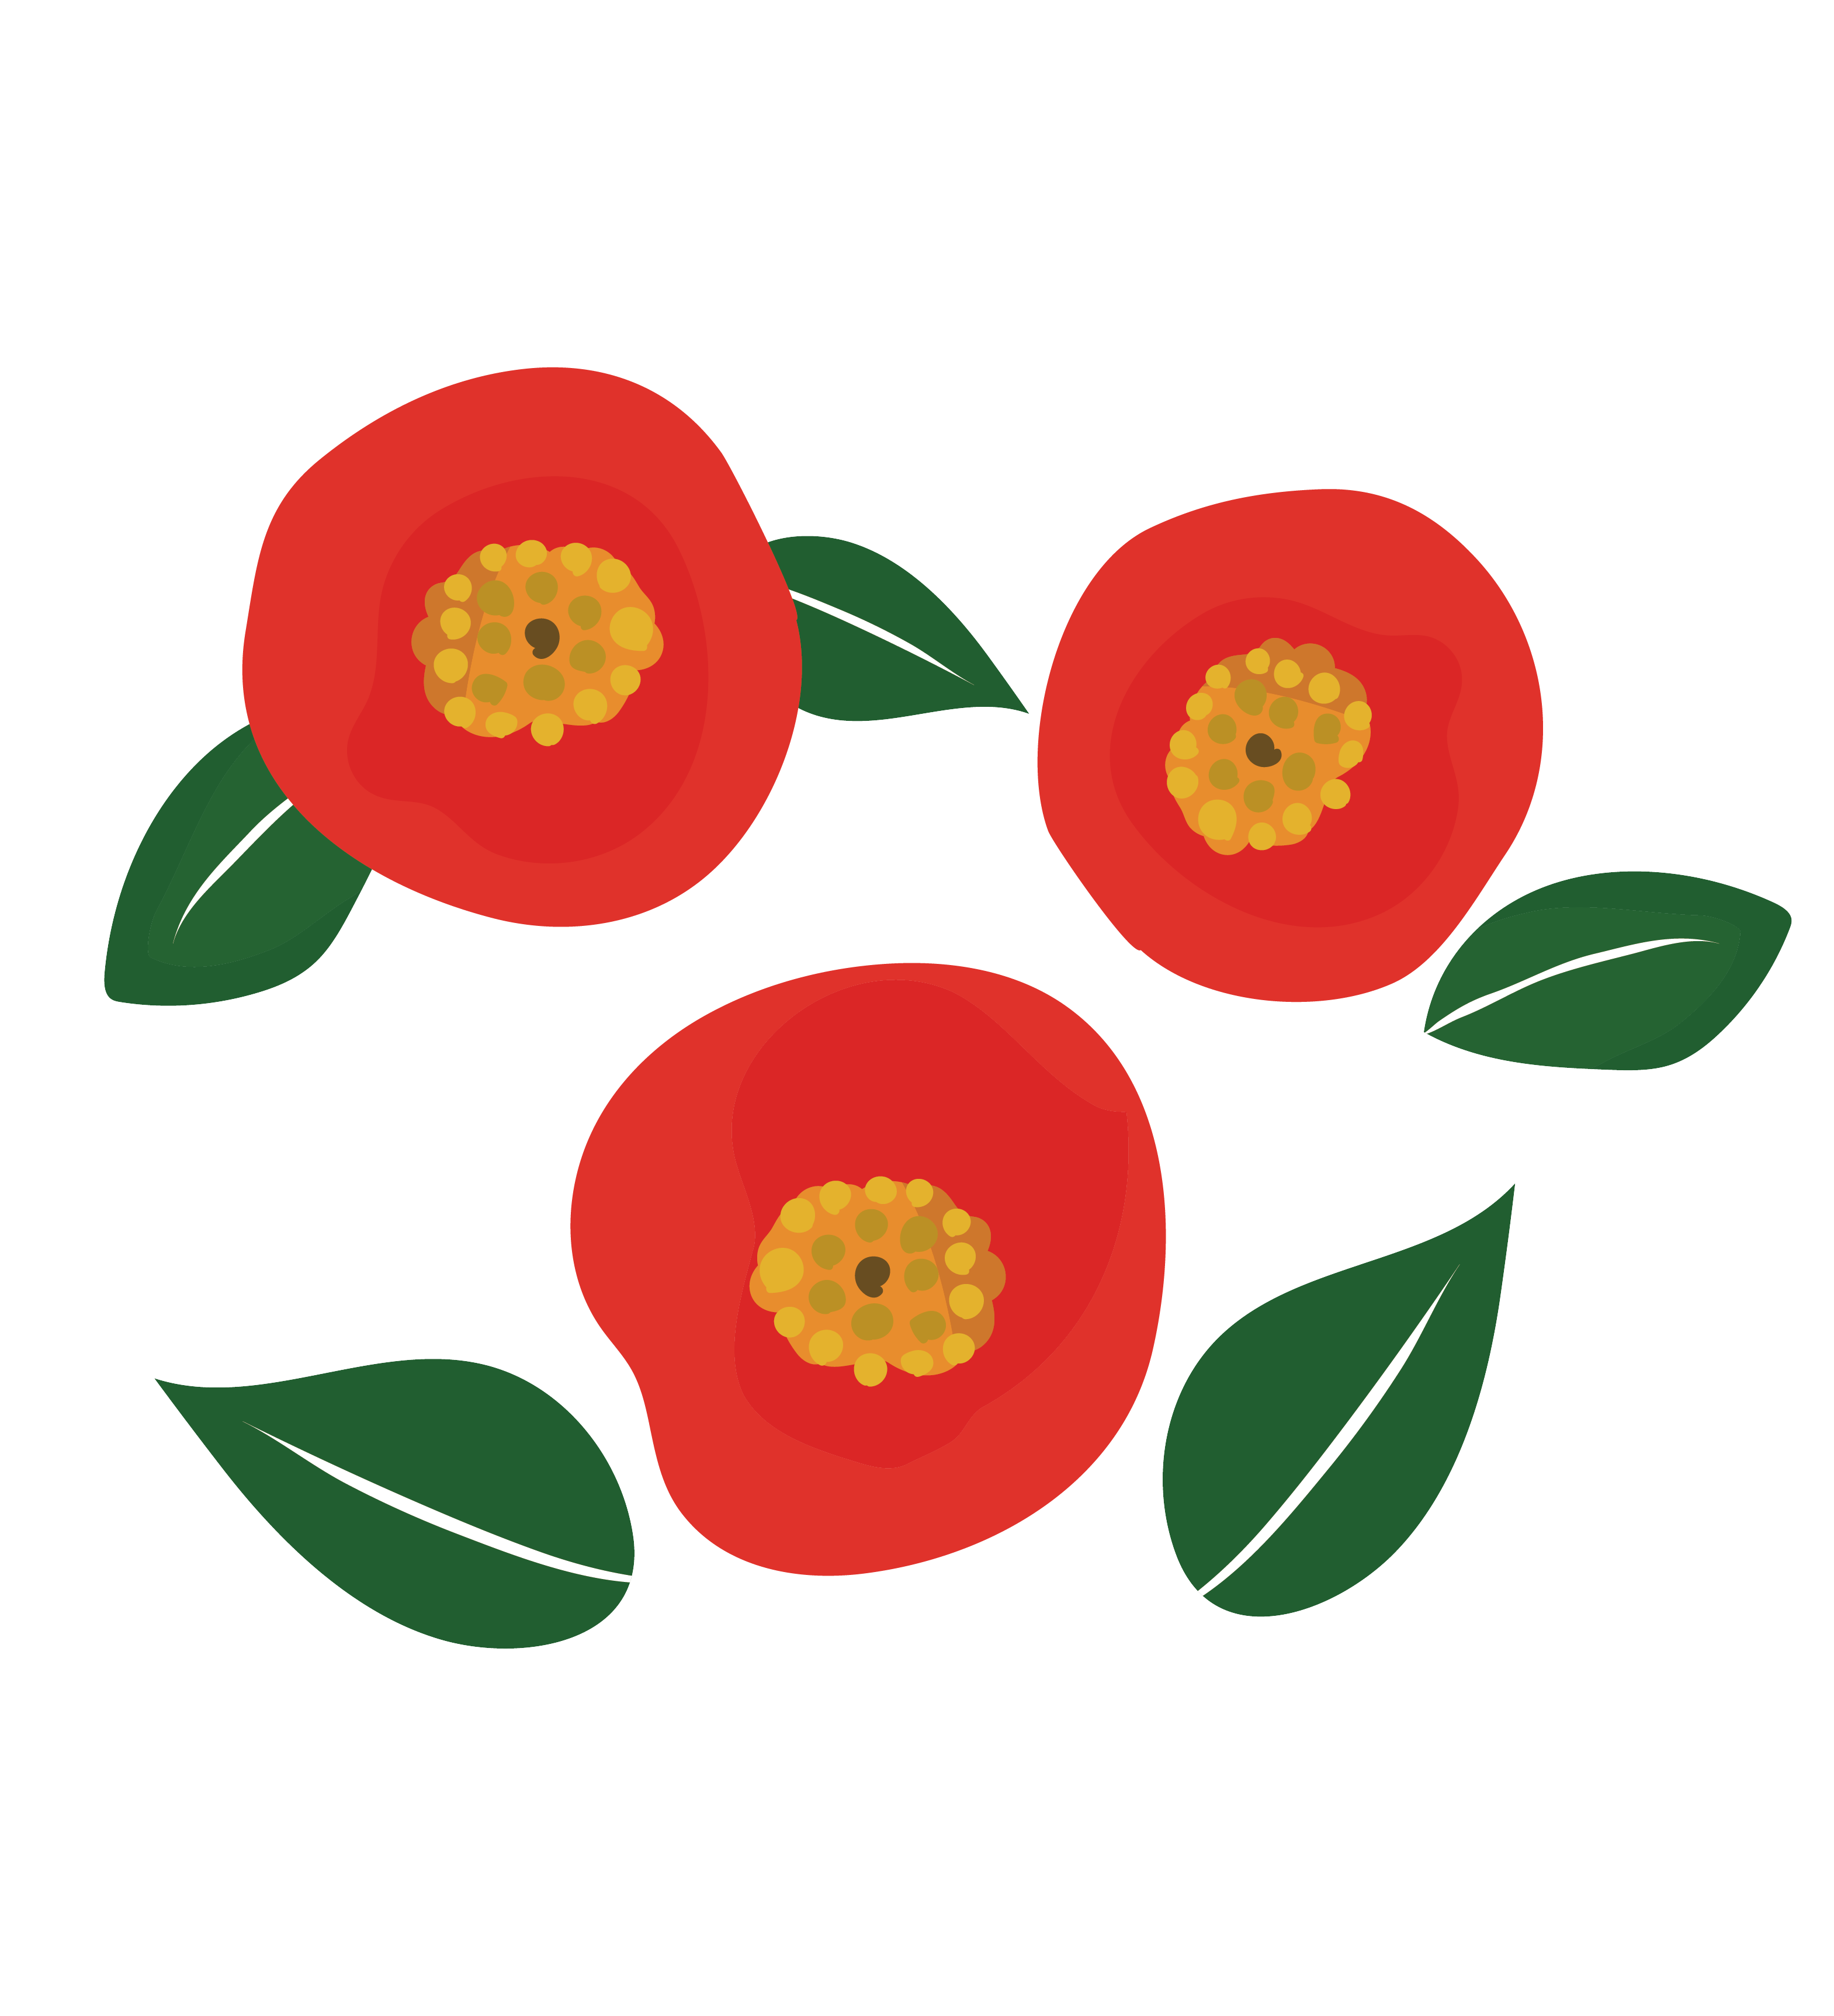 かわいい椿つばきのイラスト 花年賀状にも 商用フリー